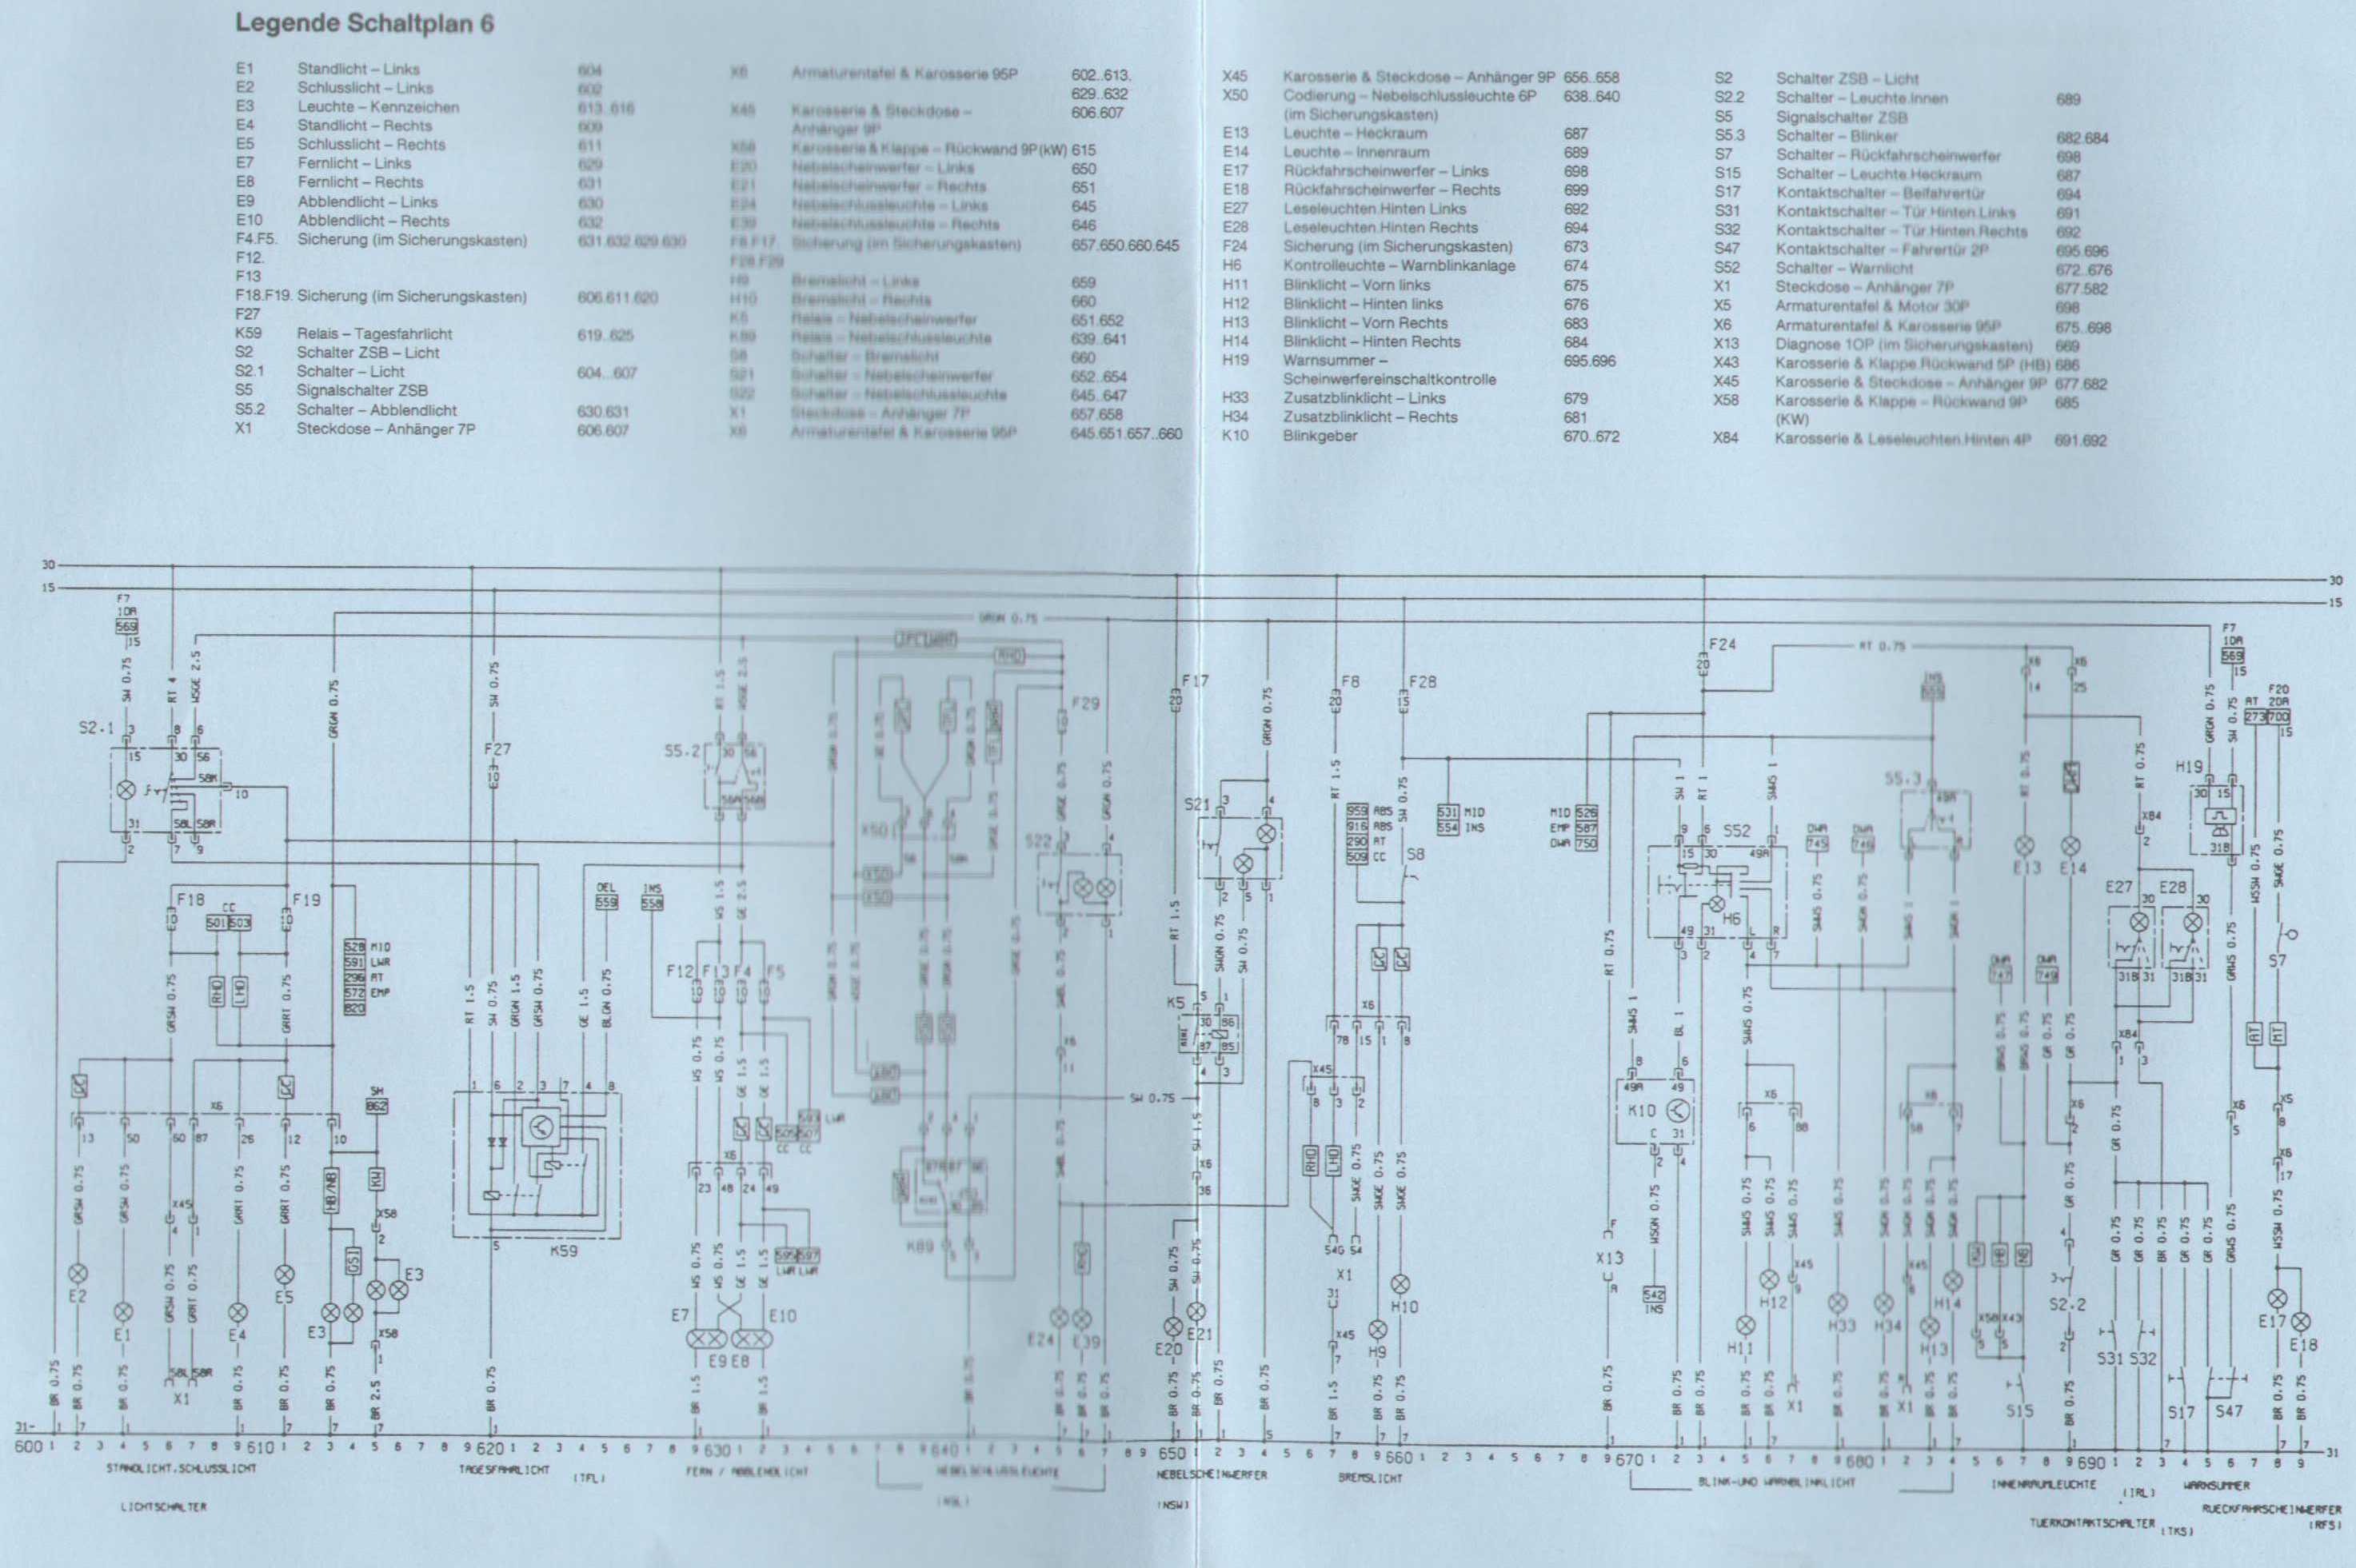 Gemütlich Reese Anhänger Schaltplan Galerie - Schaltplan Serie ...